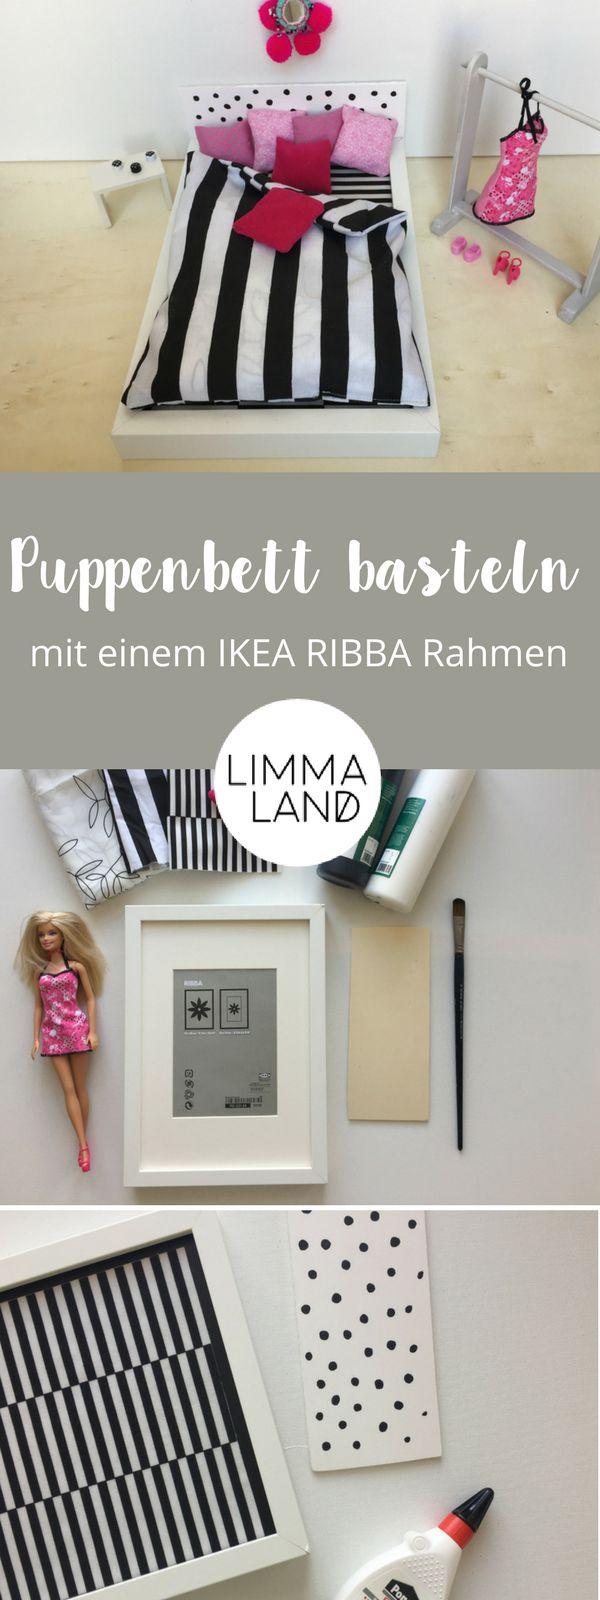 Habt Ihr Auf Den Ersten Blick Den IKEA RIBBA Rahmen Entdeckt? Wir Sind  Begeistert Von